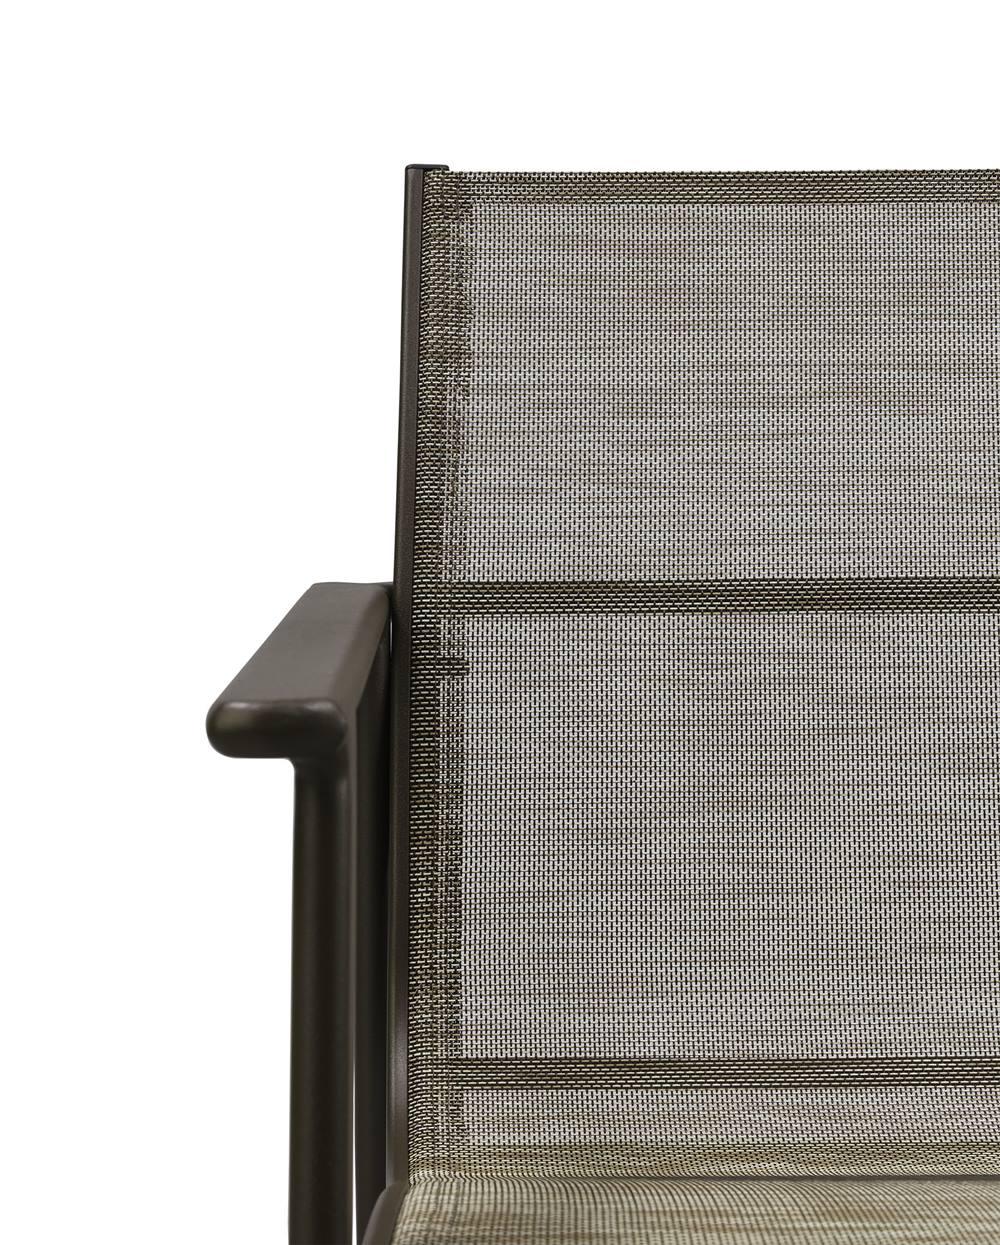 Cadeira Solano Assento em Tela Sintetica cor Cinza com Base Aluminio - 44545